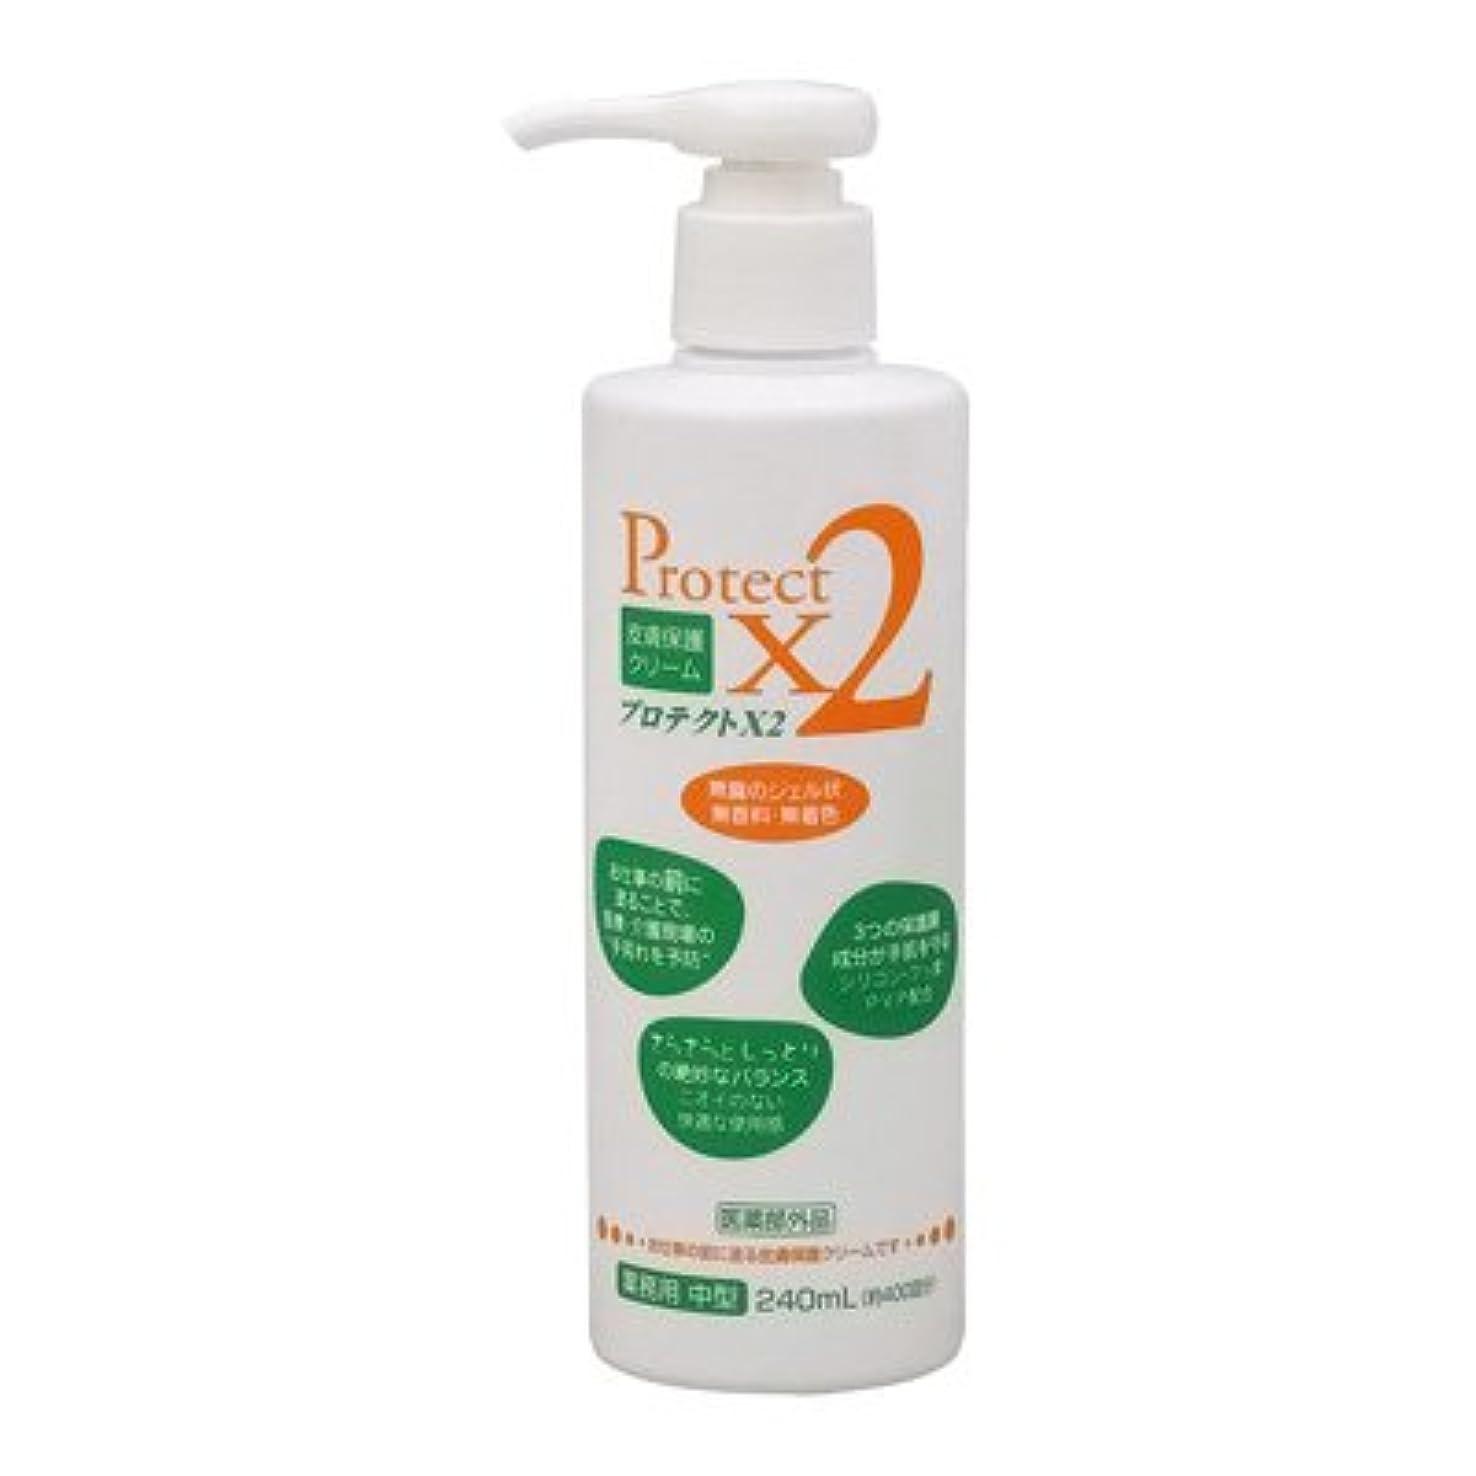 オズワルド十億アジテーション皮膚保護クリーム プロテクトX2 240ml(中型)